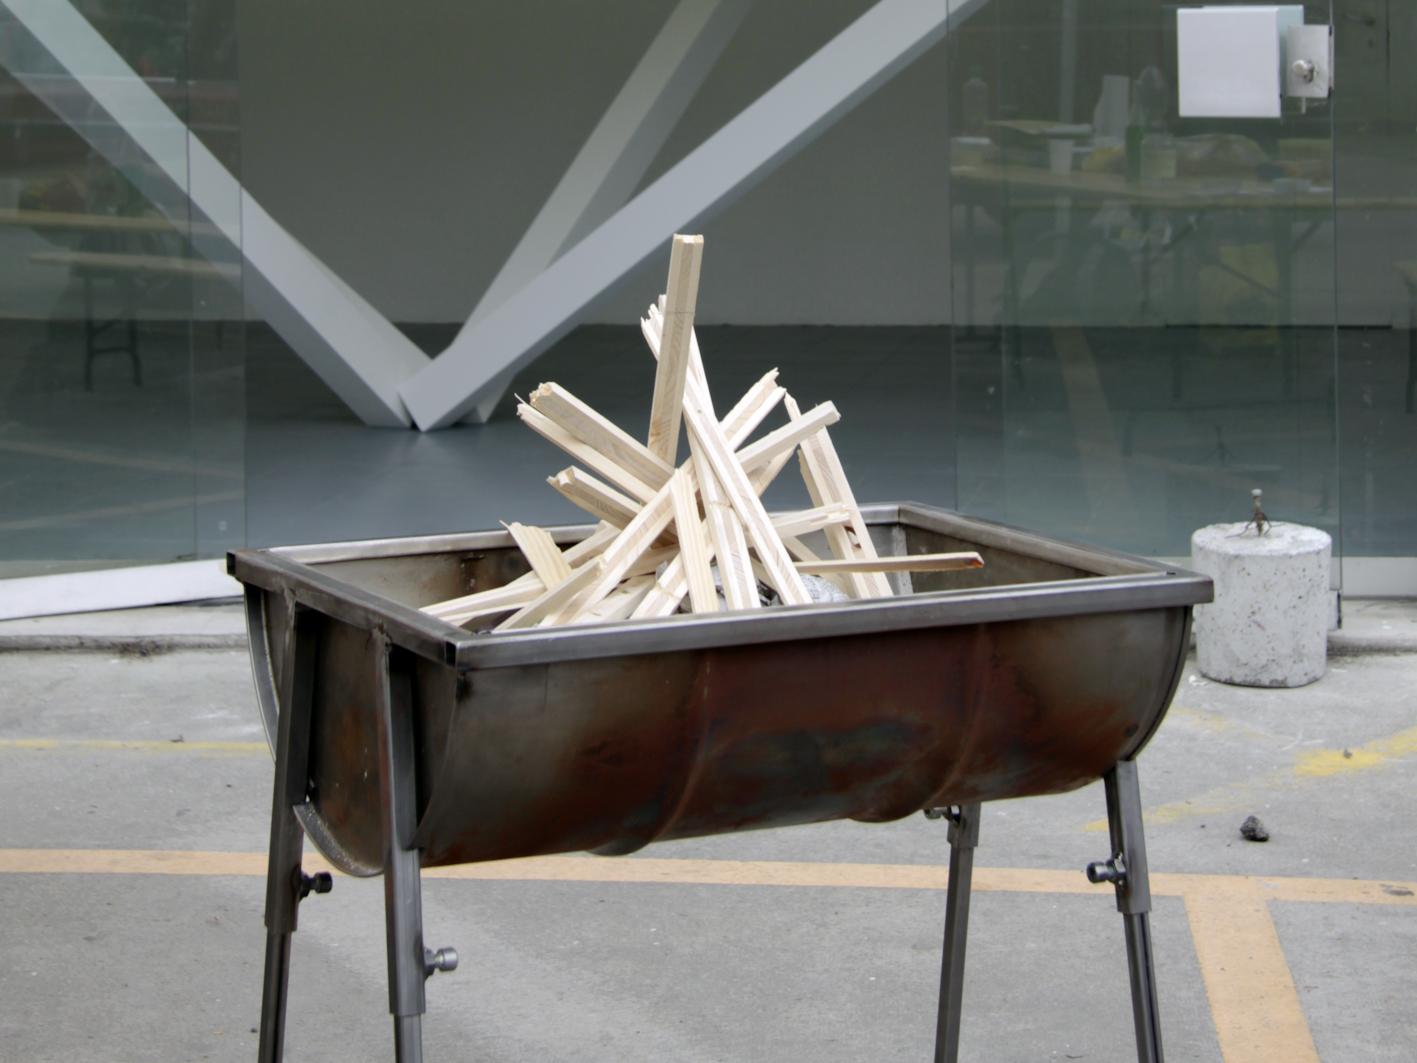 Benoit-Delaunay-artiste-installations-2010-Une-Sculpture-23